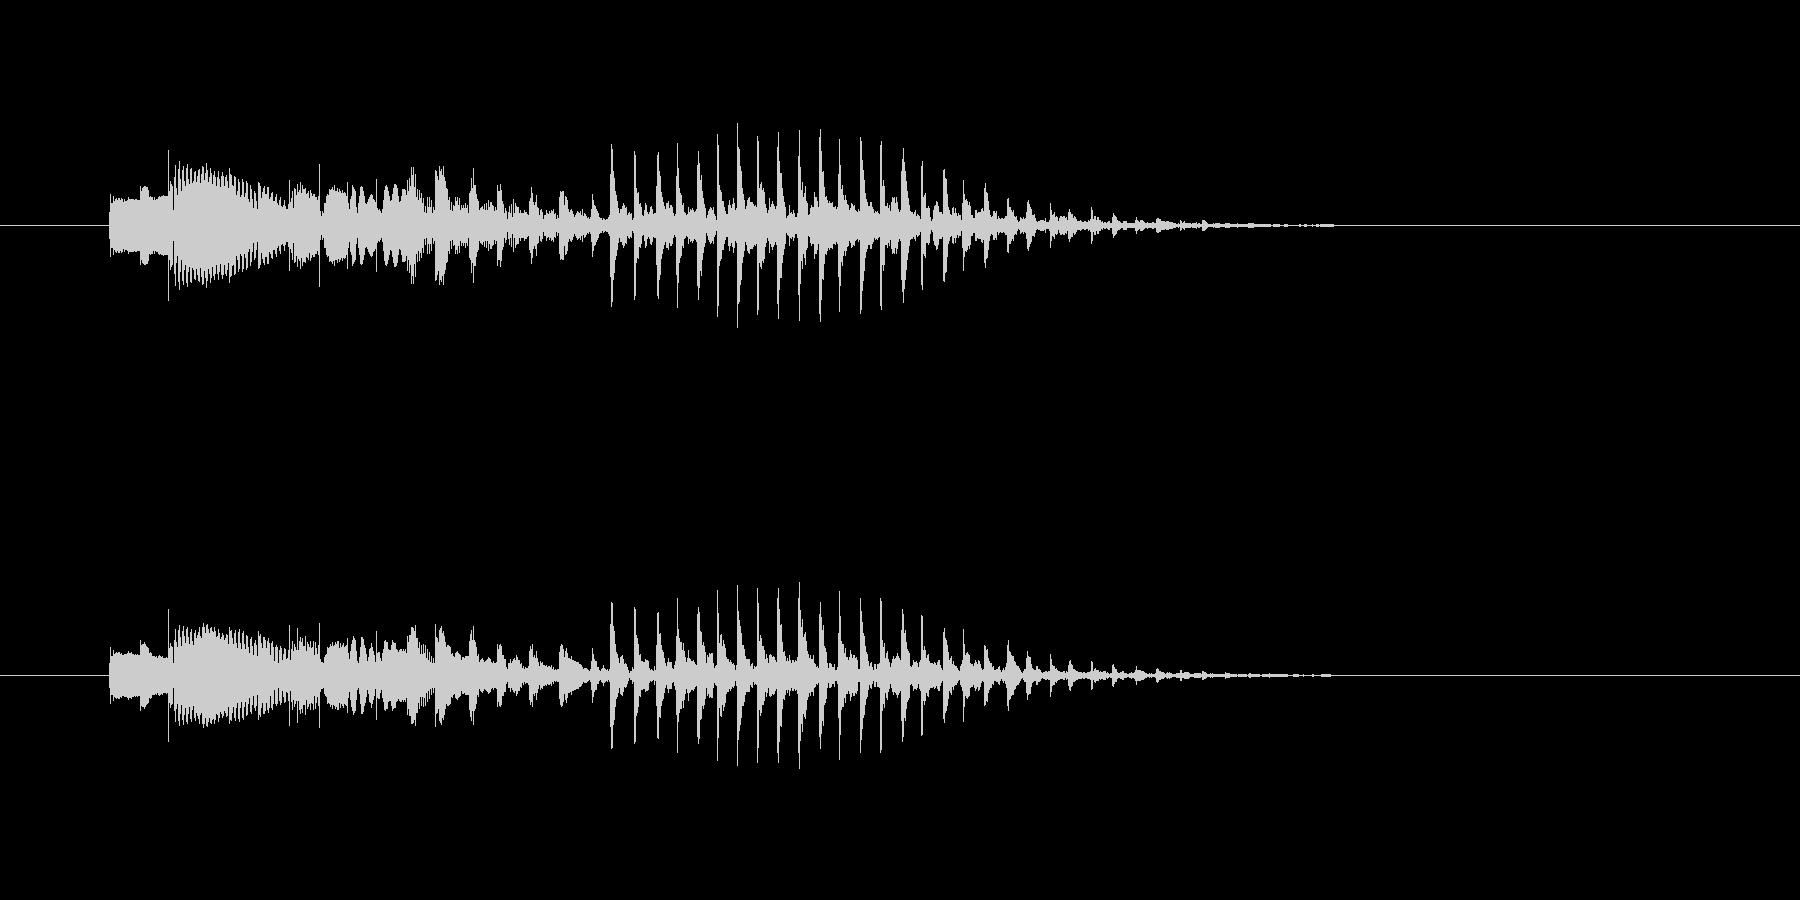 ポパパパ~ン(明るくテンポの早い木琴音)の未再生の波形